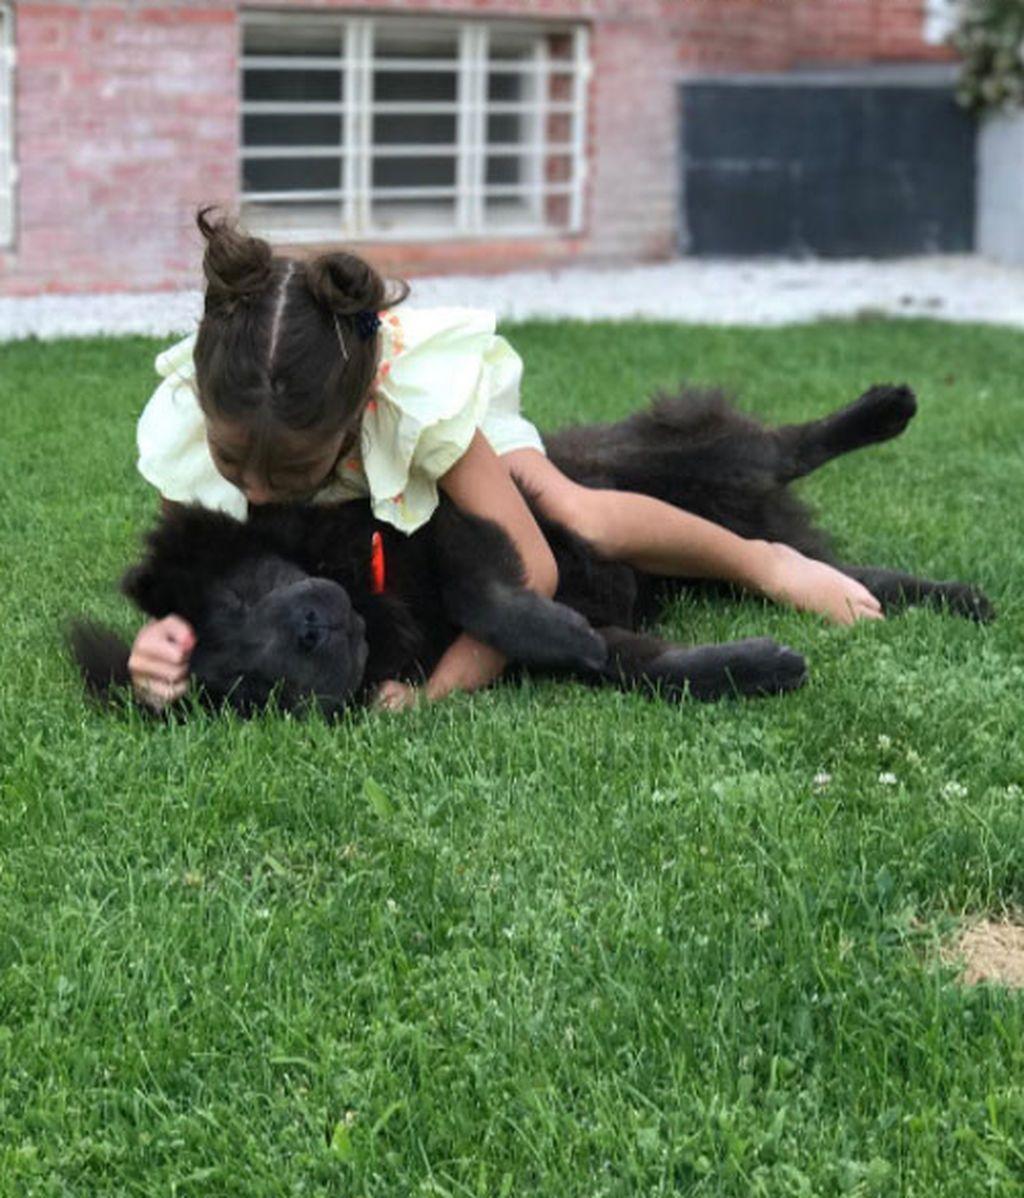 Los mejores amigos de los perros son los bebés: 'Vips' que lo demuestran en redes